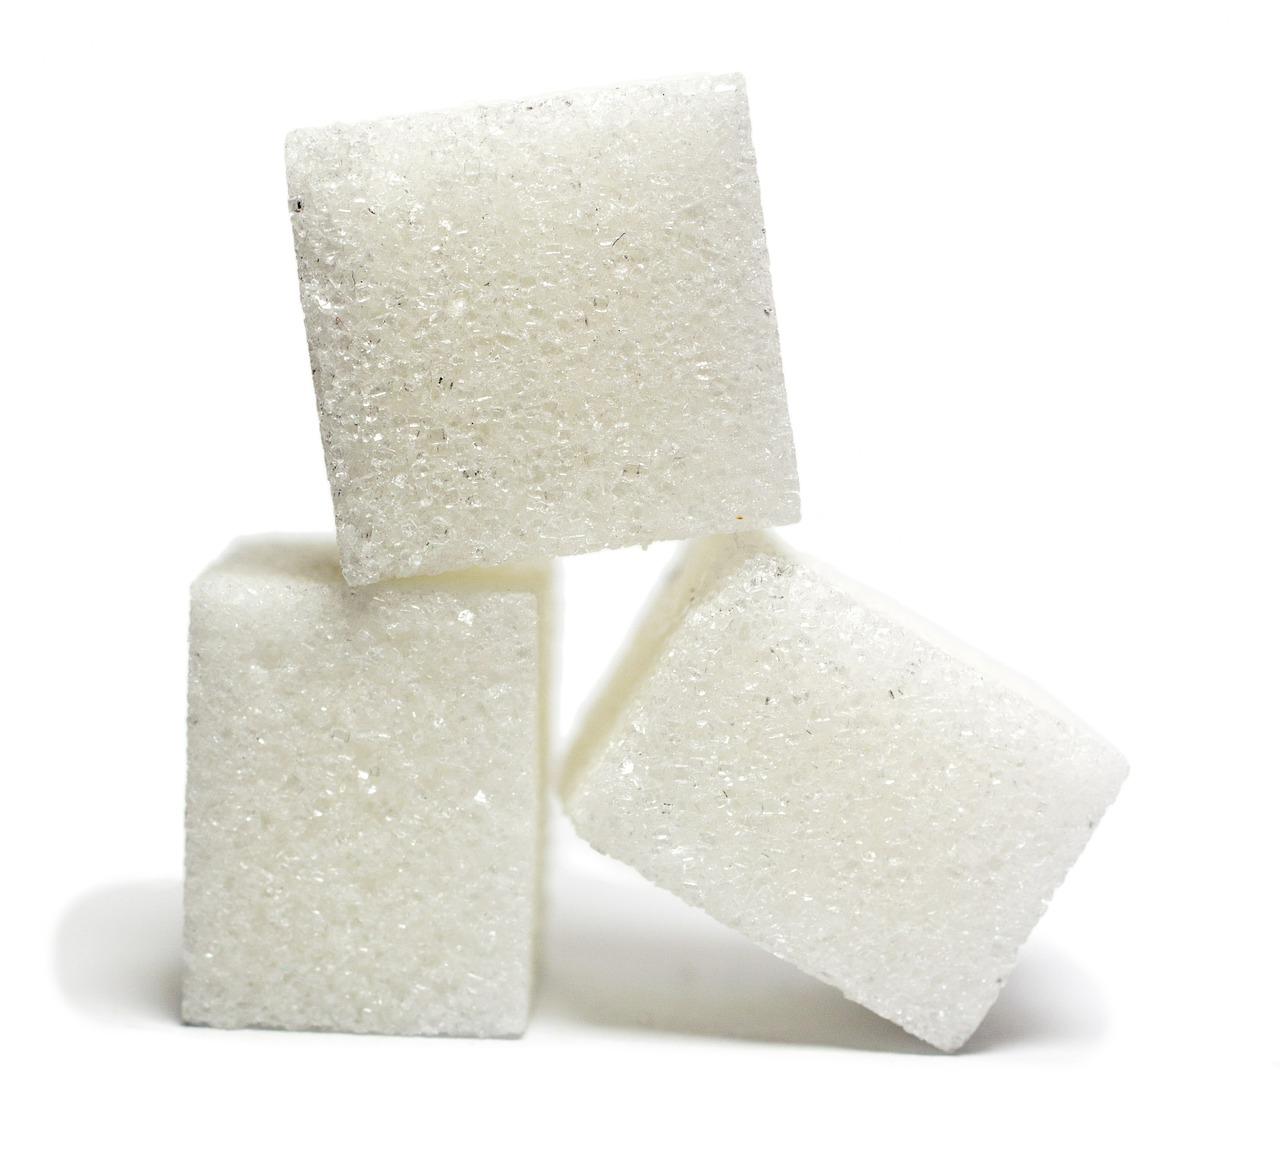 azúcar cubos